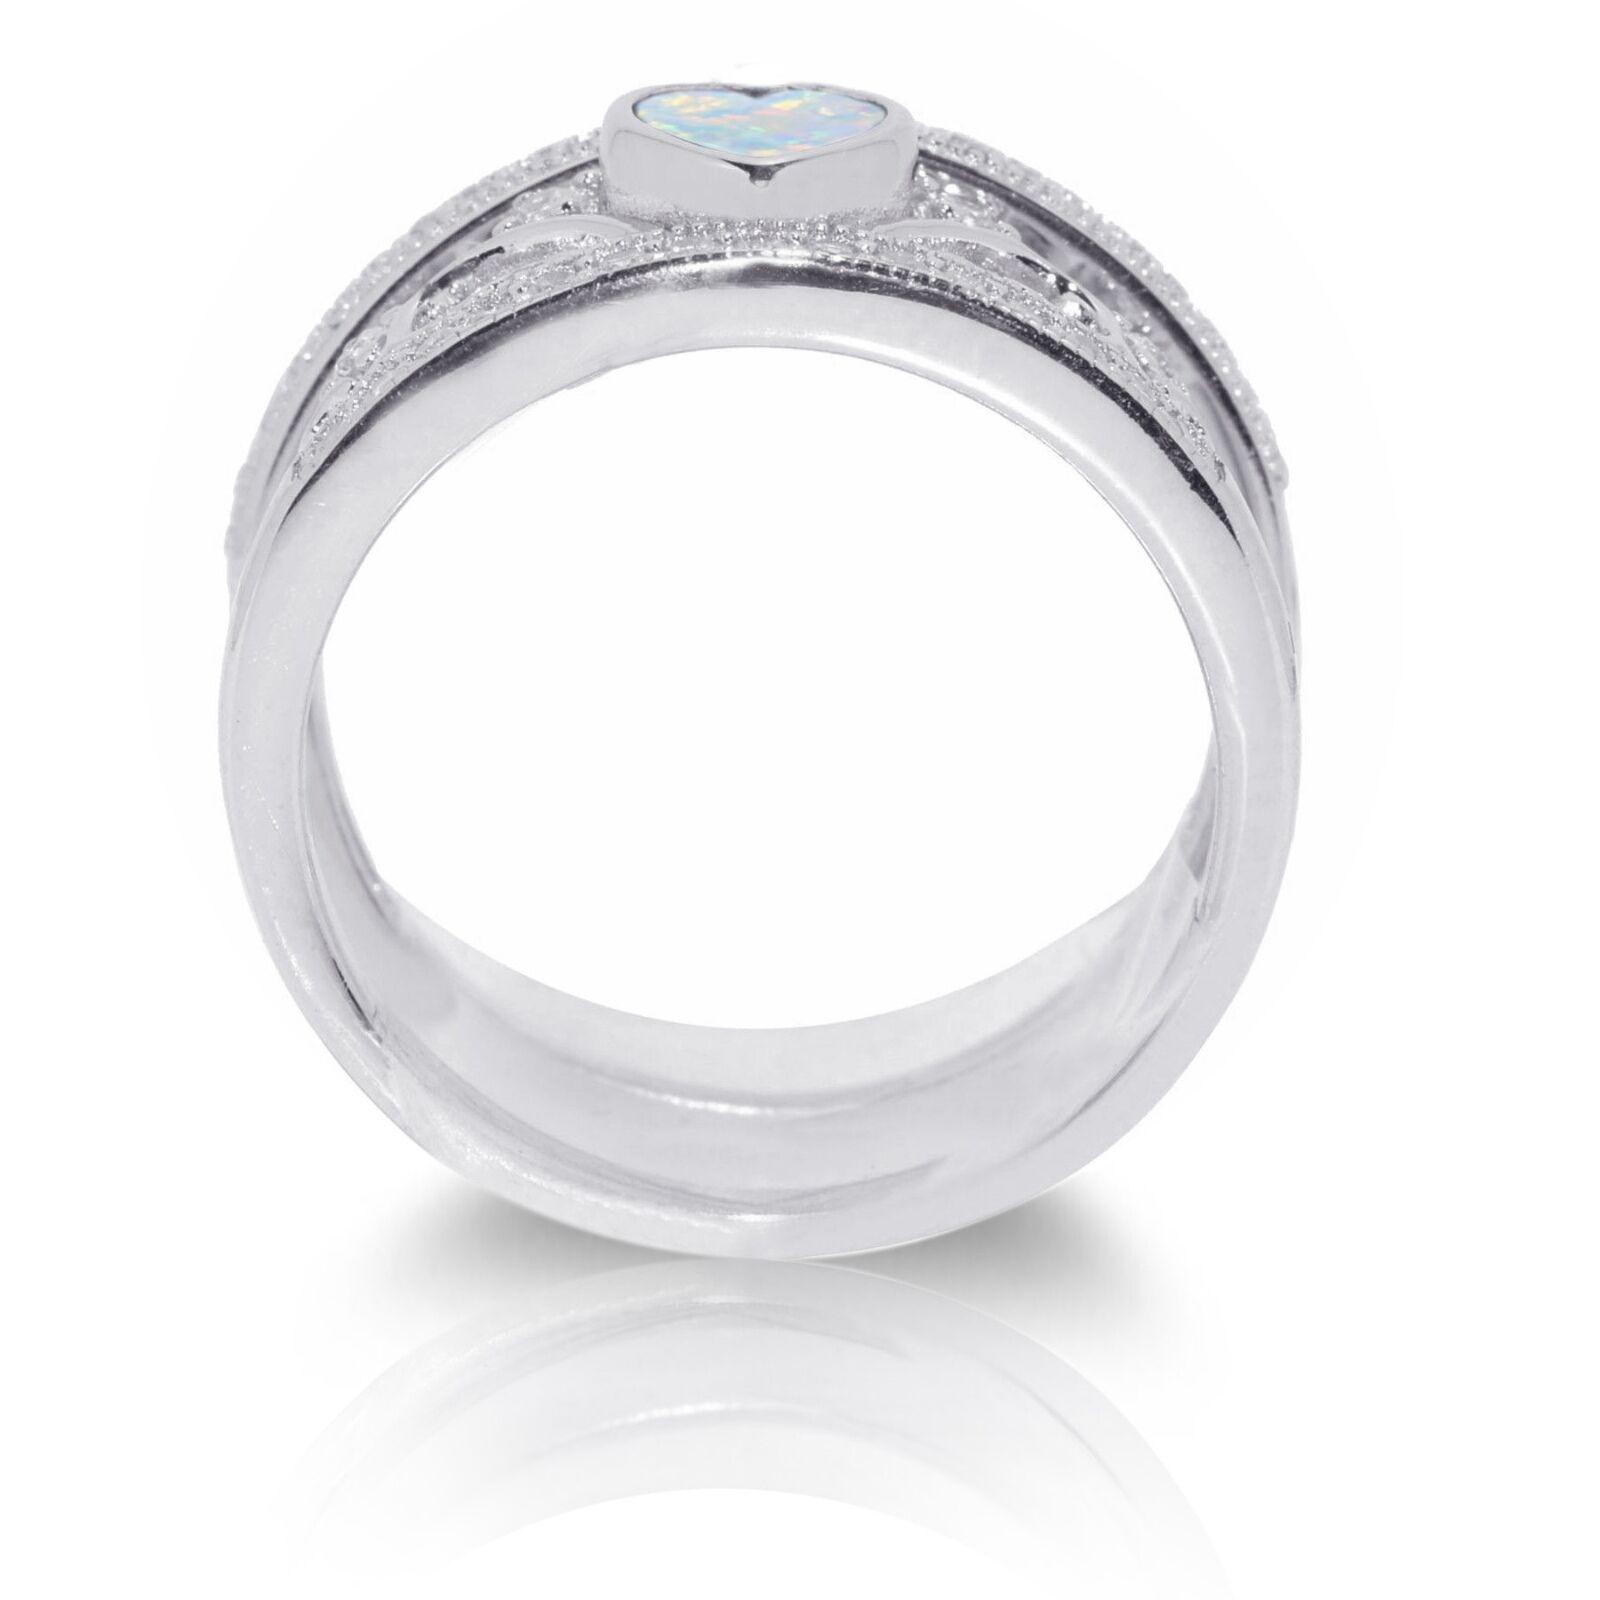 Cuore Claddagh Claddagh Claddagh Celtico Bianco Opale Matrimonio Fidanzamento e3f7de